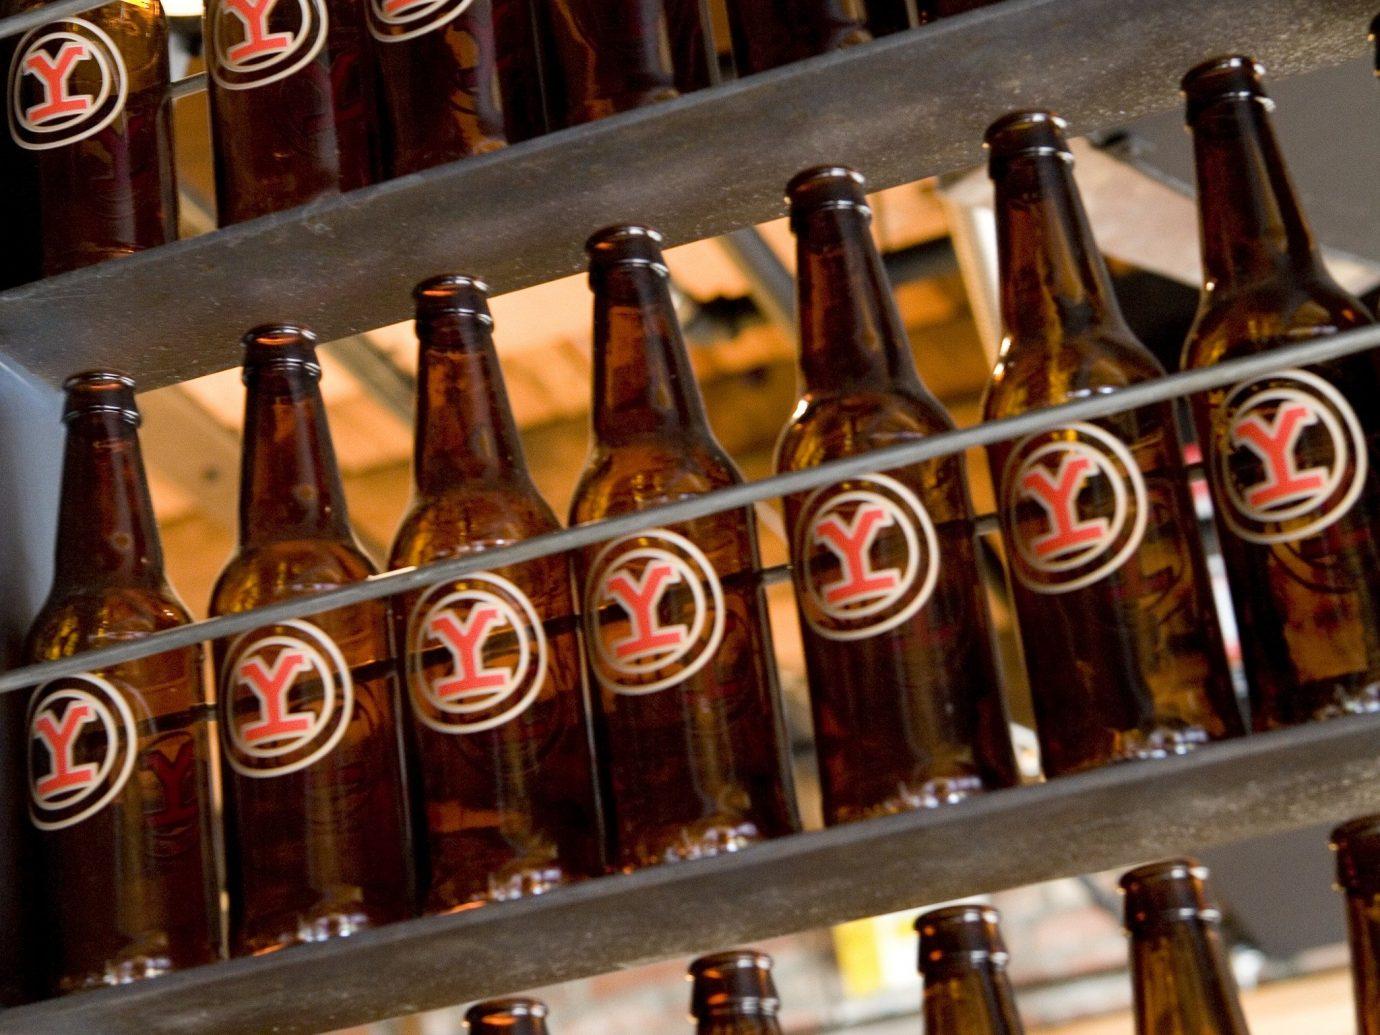 Trip Ideas bottle indoor filled shelf lots wine many full beer bottle Drink alcoholic beverage beer different liqueur liquor store distilled beverage brand bunch several lined alcohol rack